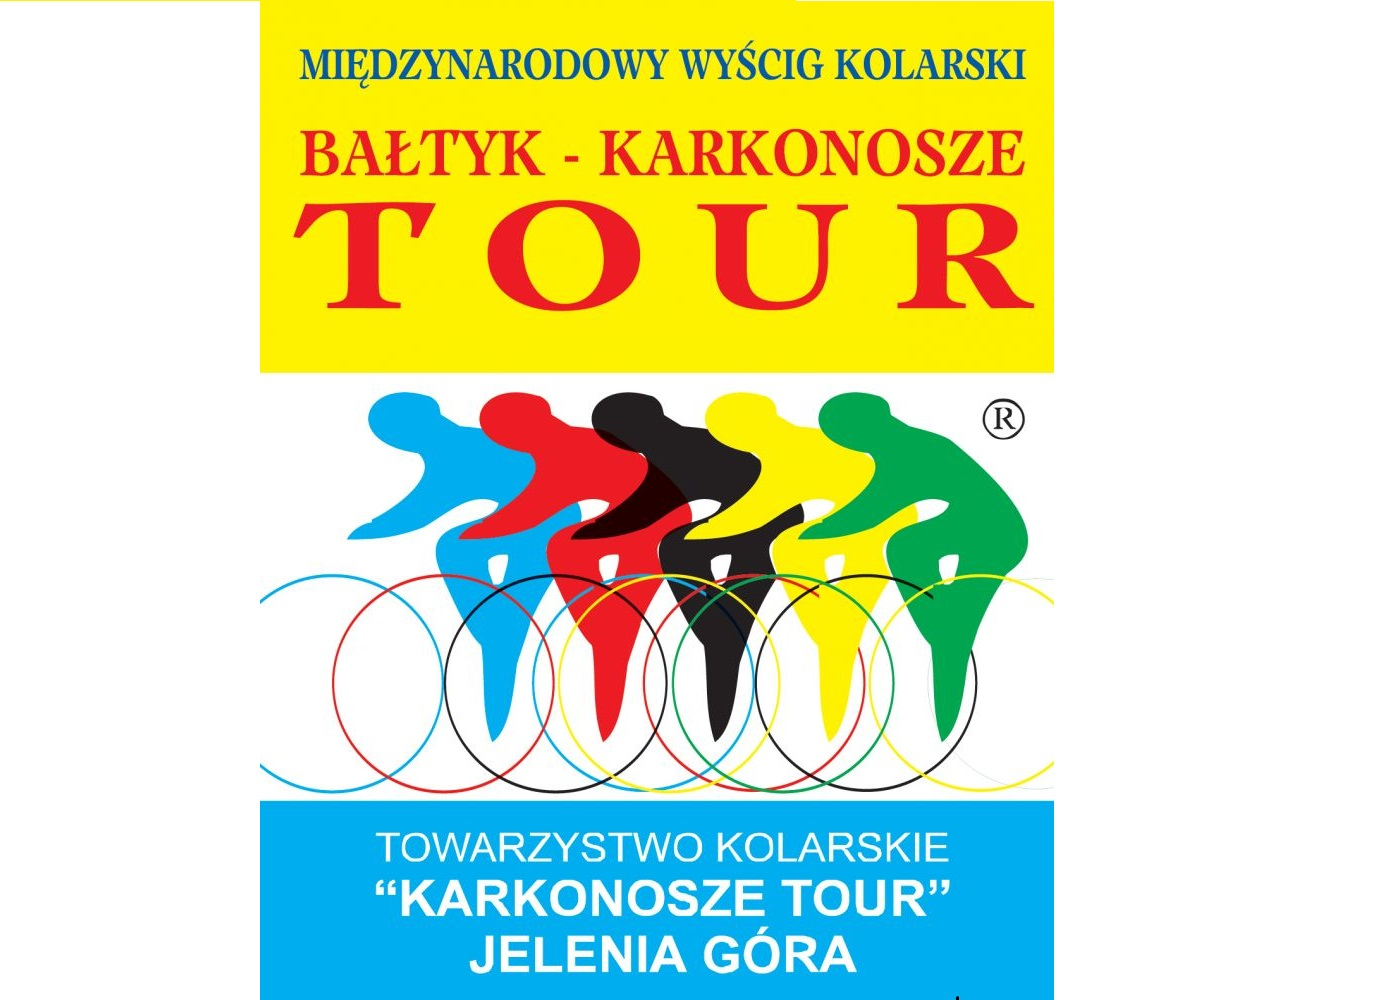 XXV Wyścig Kolarski Bałtyk - Karkonosze Tour